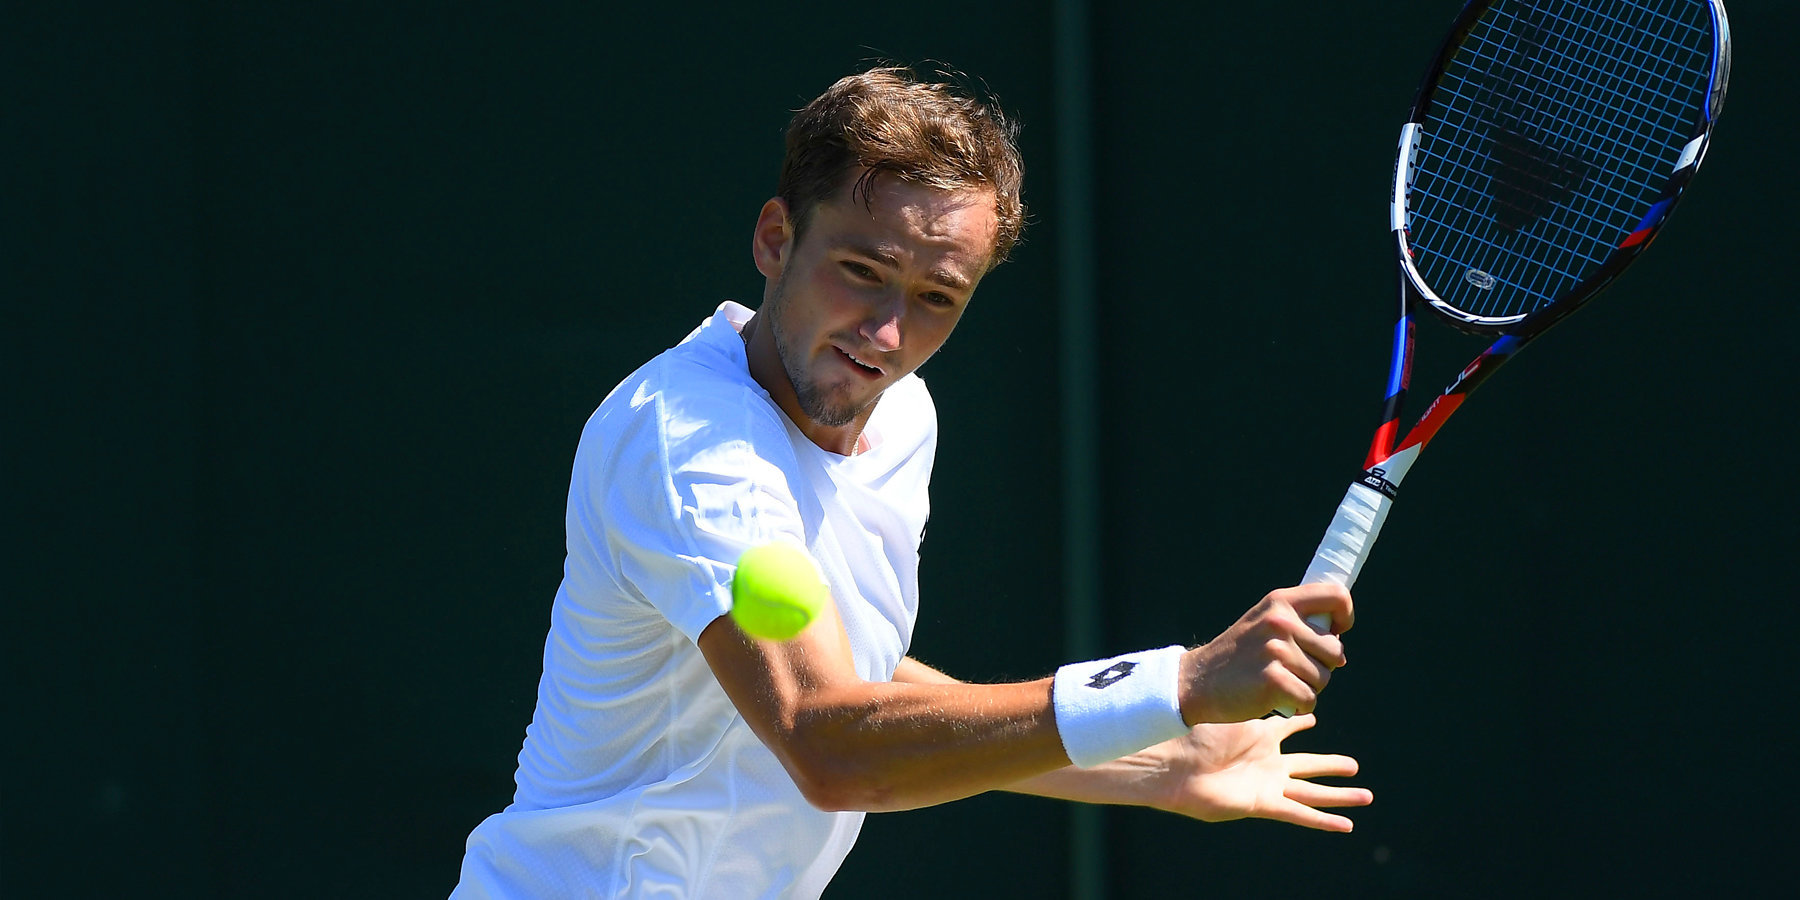 Сможет ли Медведев обыграть Чорич Как делать ставки на теннис на Уимблдоне 2 Июля 2018